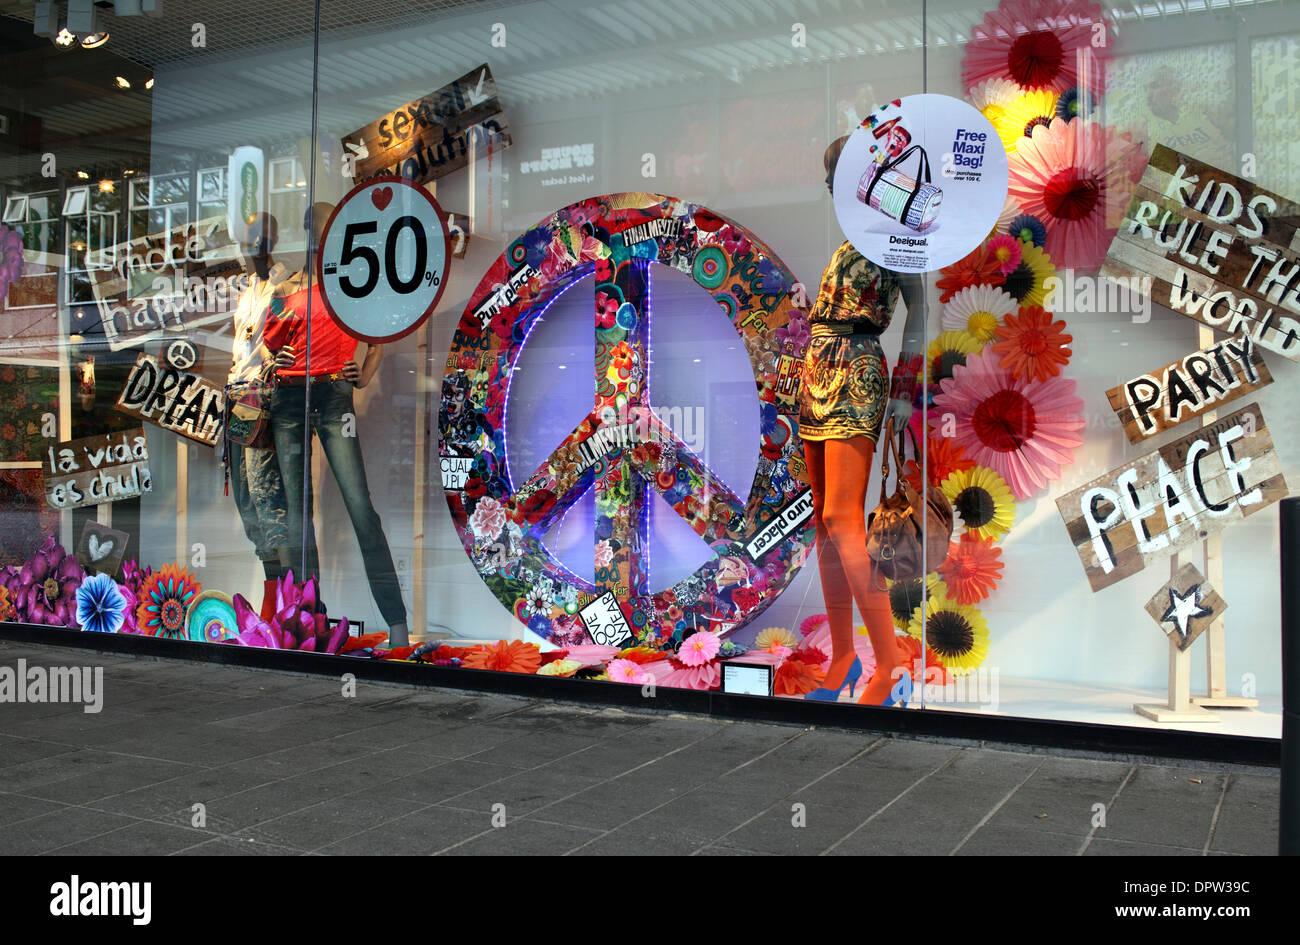 Le désarmement nucléaire symbole utilisé comme partie d'une mode afficher dans une vitrine hollandaise, Lijnbaan, Rotterdam. Photo Stock